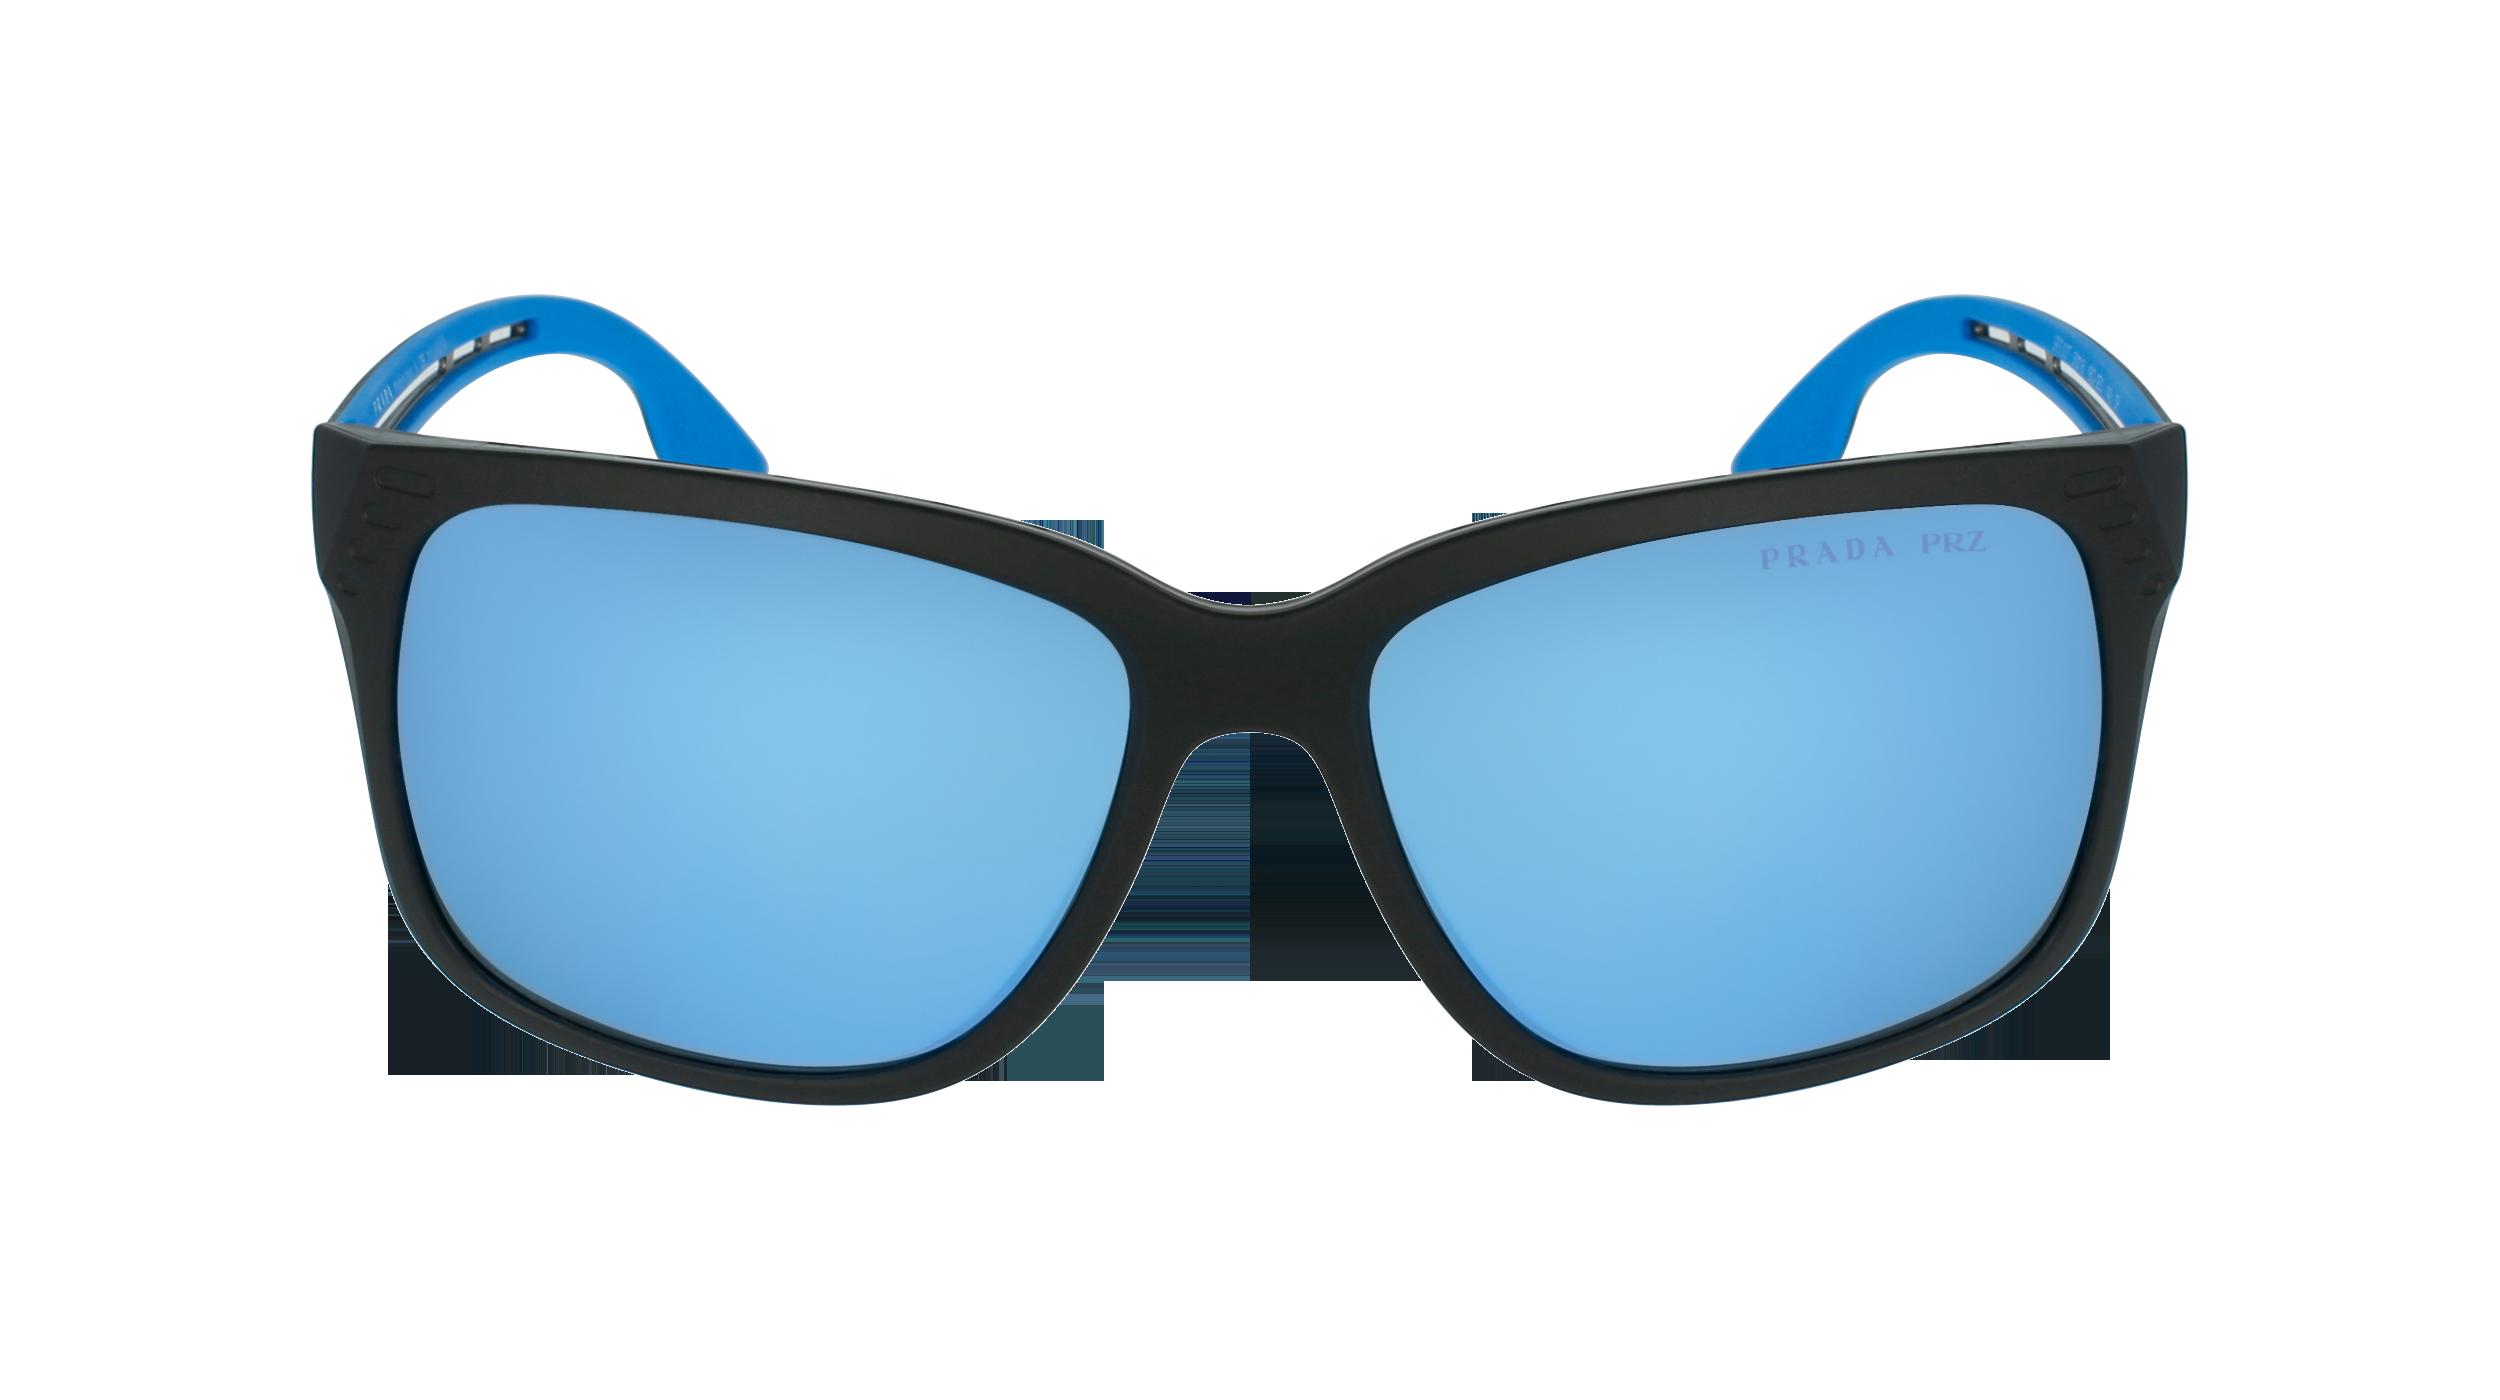 optic2000-lunettes-soleil-prada